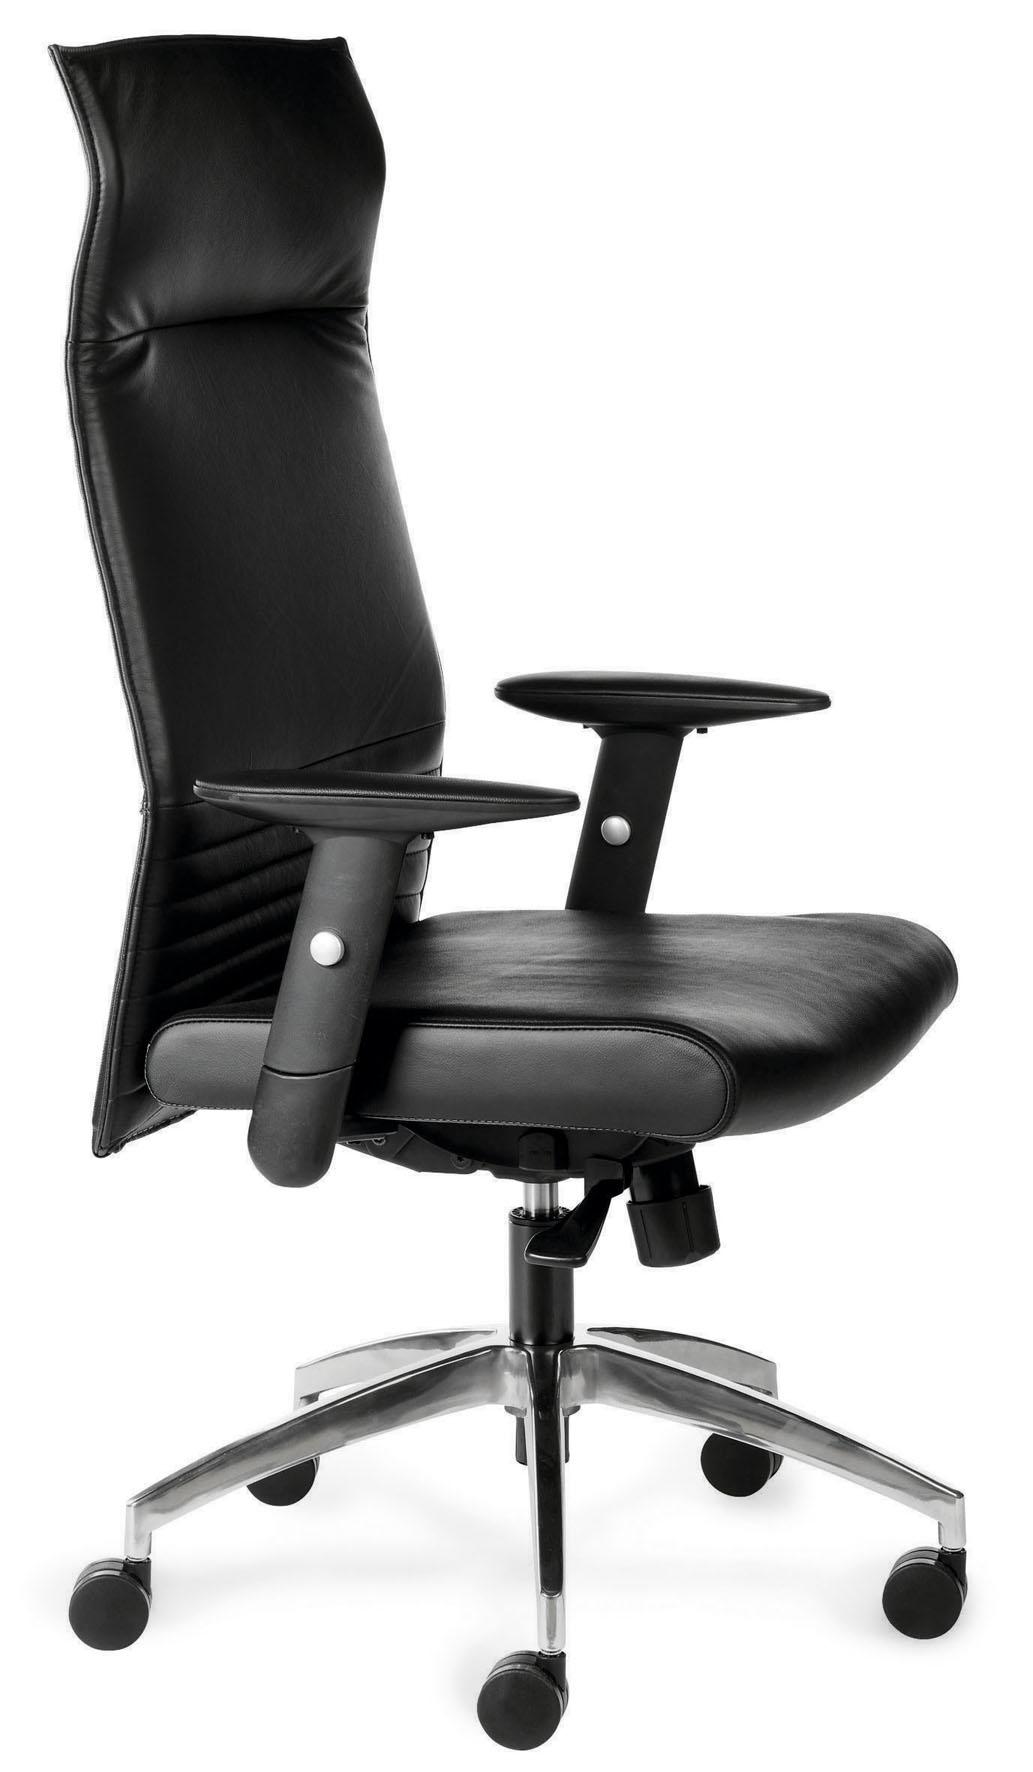 fauteuil management conception d 39 espaces de travail et mobilier de bureau ergonomie du poste. Black Bedroom Furniture Sets. Home Design Ideas